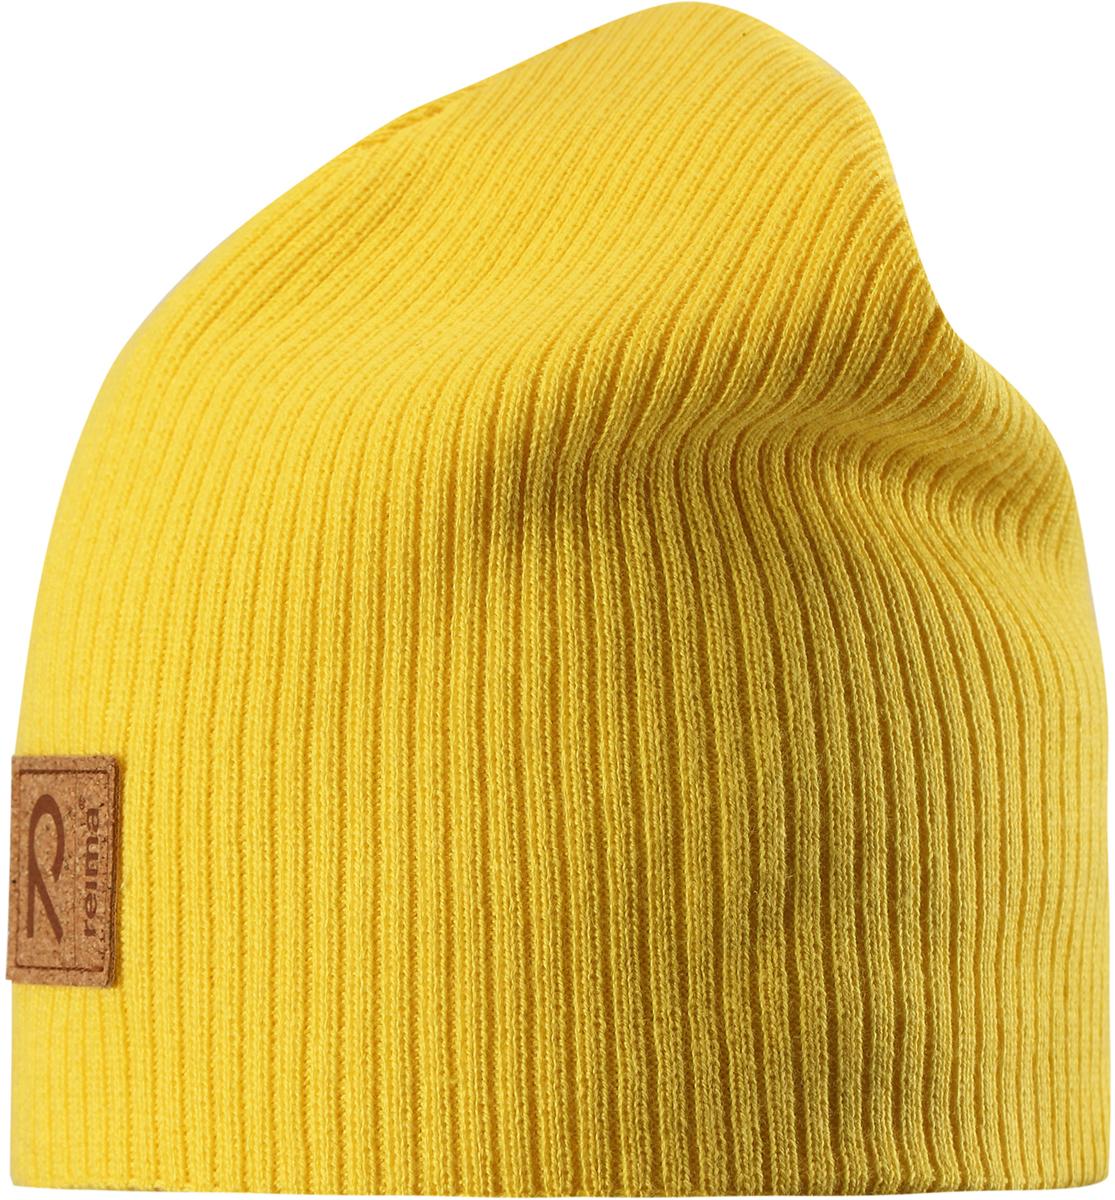 Шапка детская Reima Lahti, цвет: желтый. 5285822330. Размер 48